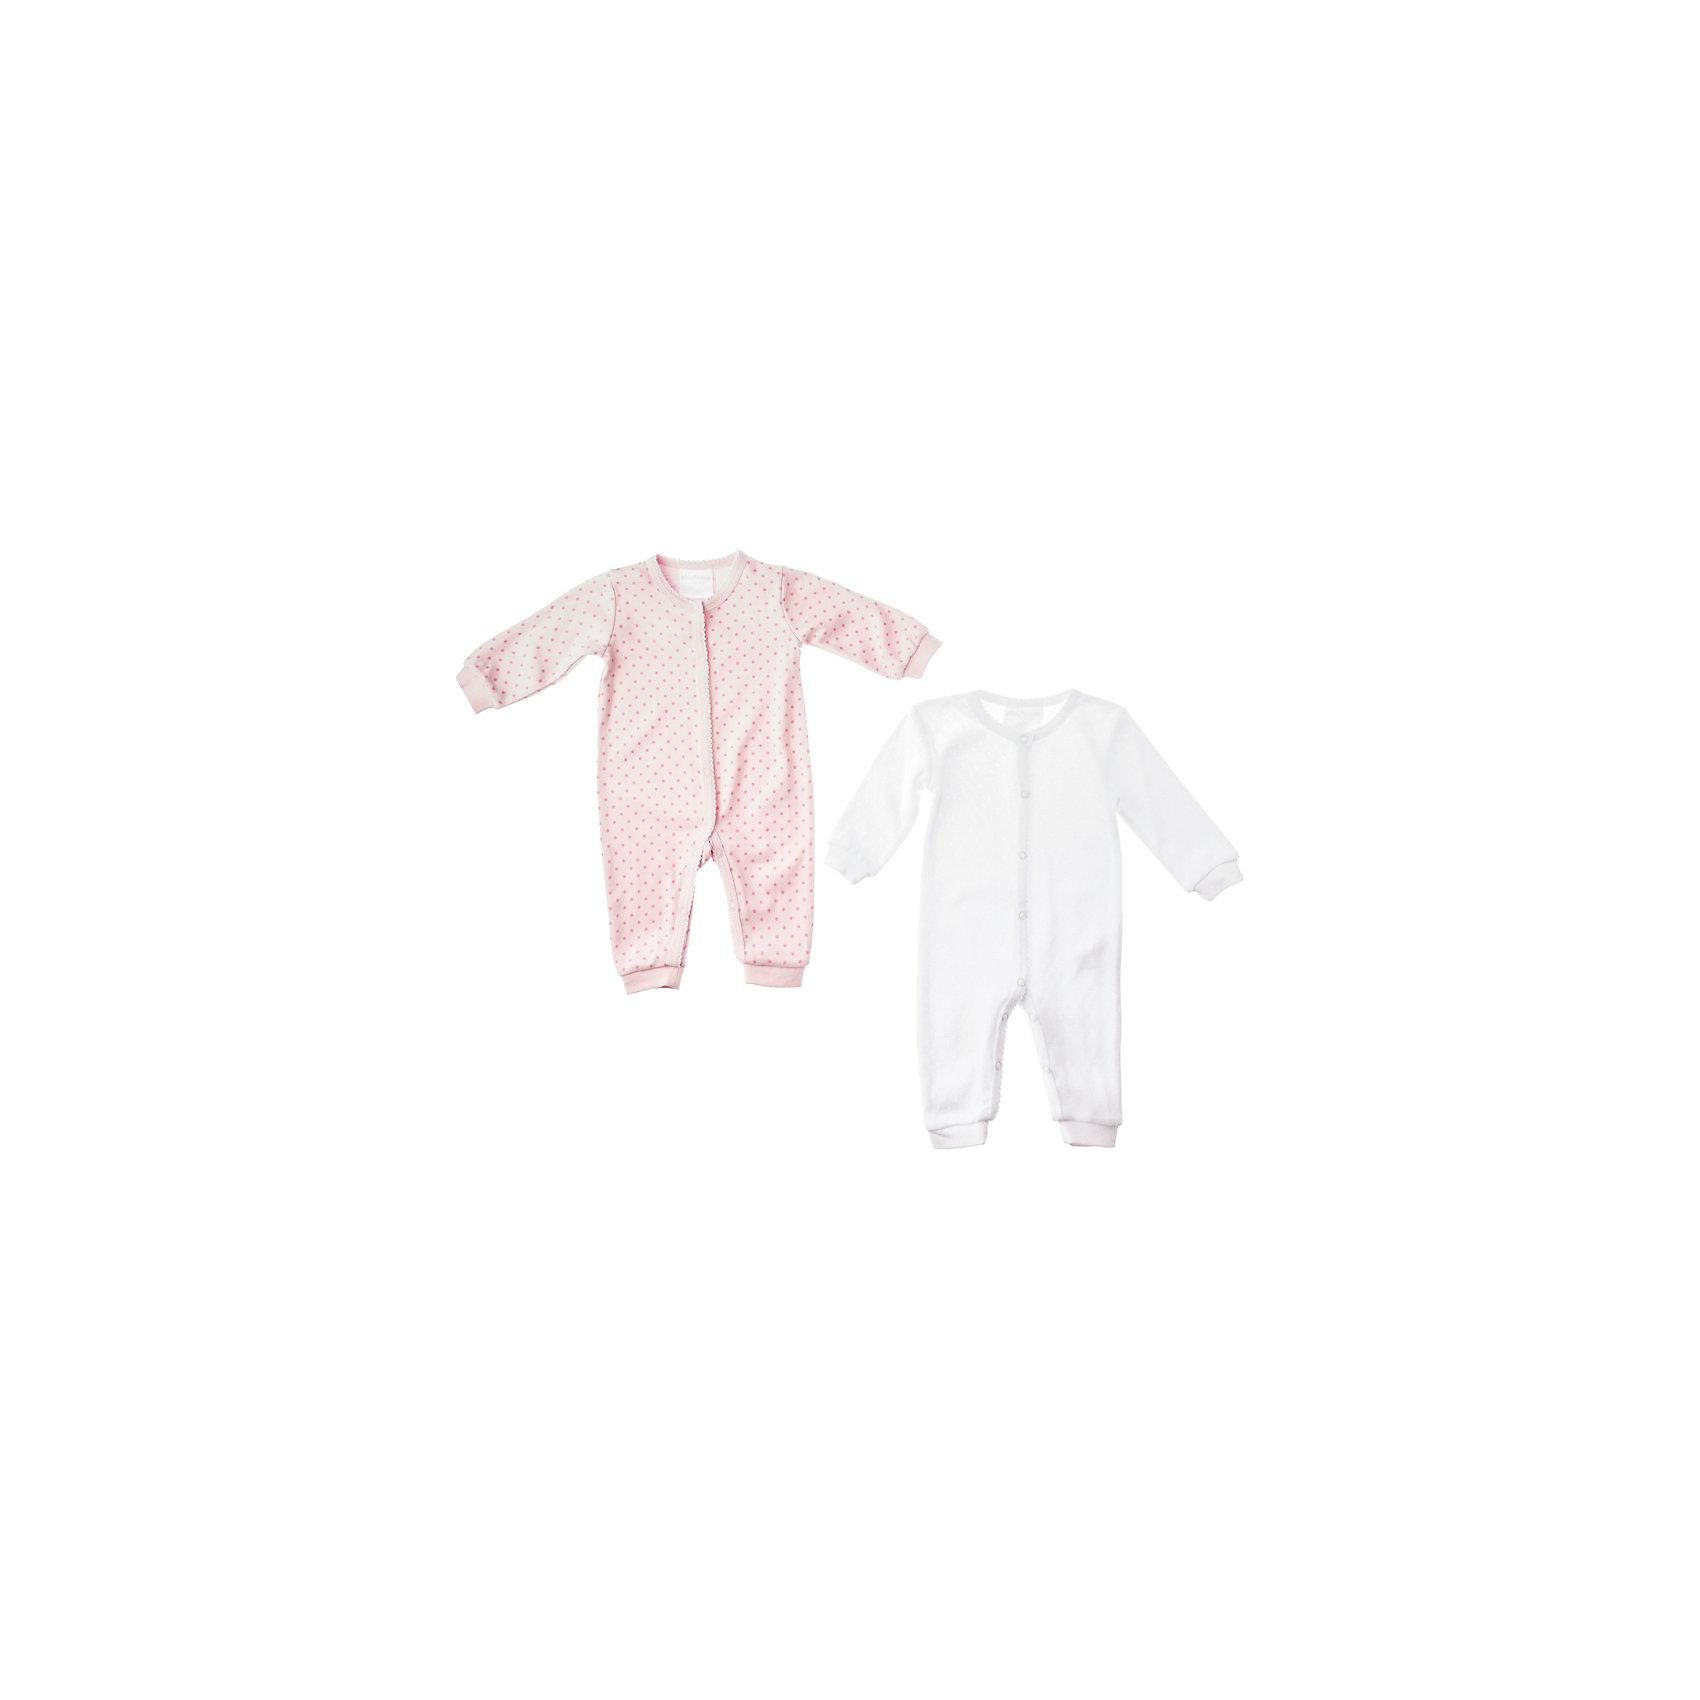 Комбинезон ( 2 шт.) для девочки PlayTodayПижамы и сорочки<br>Комбинезон ( 2 шт.) для девочки PlayToday Комплект из двух комбинезонов для новорожденной. Стопроцентный хлопок, застёжки-кнопки. Состав: 100% хлопок<br><br>Ширина мм: 157<br>Глубина мм: 13<br>Высота мм: 119<br>Вес г: 200<br>Цвет: розовый/белый<br>Возраст от месяцев: 2<br>Возраст до месяцев: 5<br>Пол: Женский<br>Возраст: Детский<br>Размер: 62,56,68,74<br>SKU: 4229420